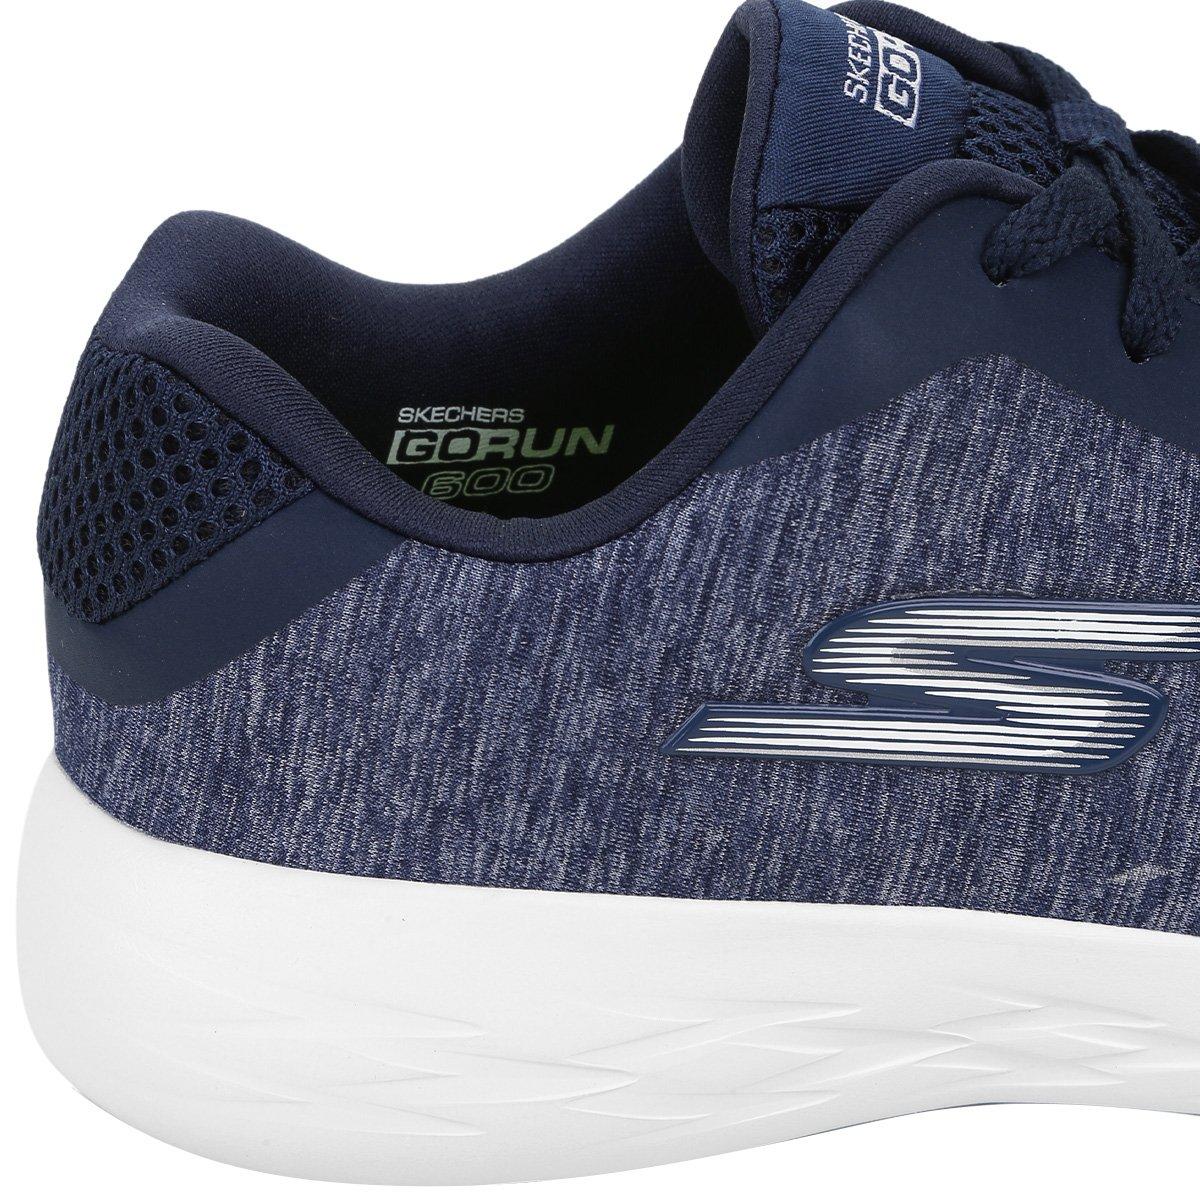 Feminino Go Skechers Skechers Azul 600 Run 600 Escuro Go Tênis Feminino Divert Divert Tênis Run ptxx7aq8w